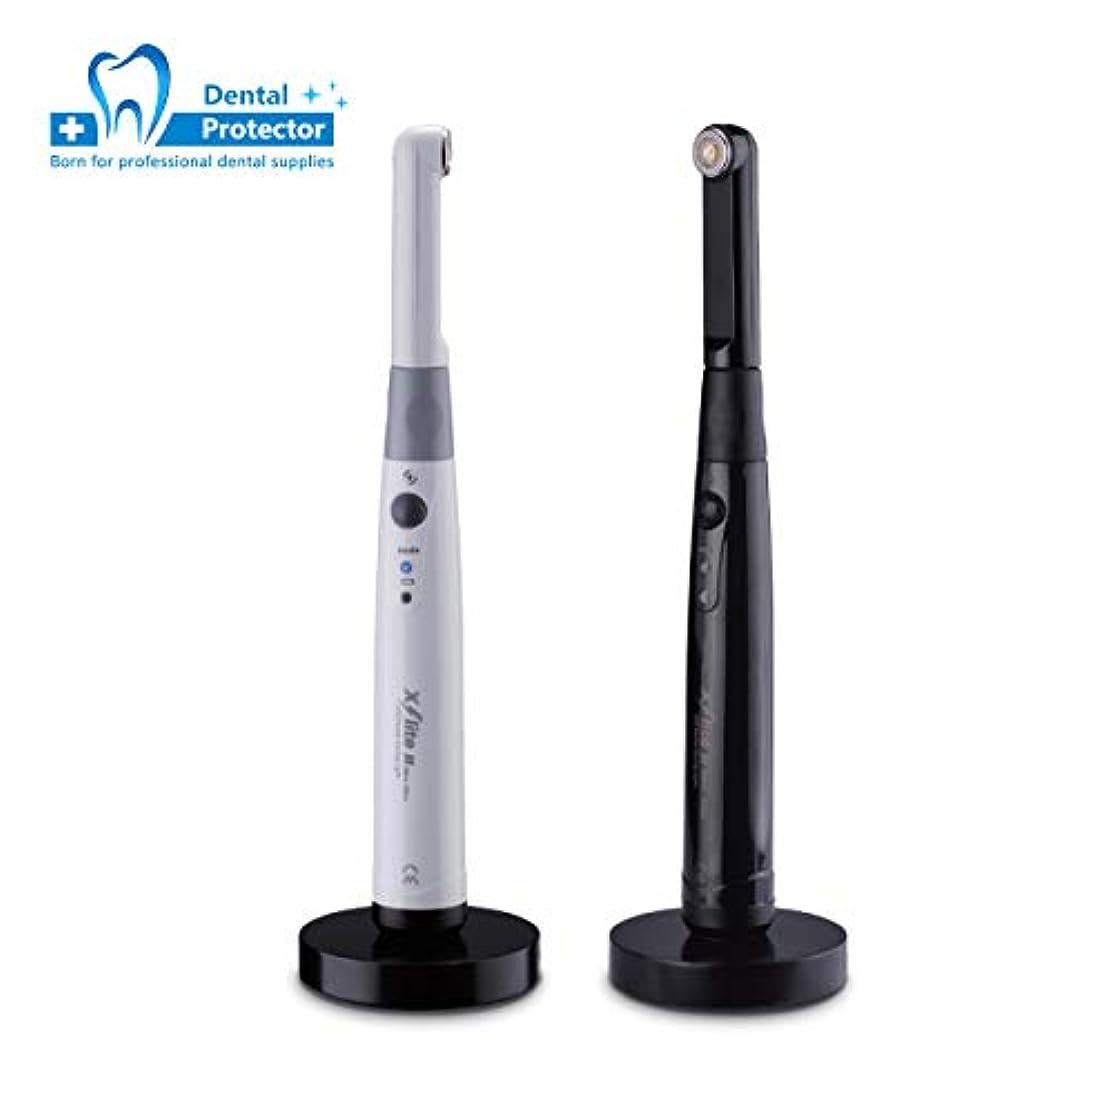 追加巨人雄弁家歯科のための3H X-lite 2歯科LEDライト治療ランプ機械無線電信1700 mwの白